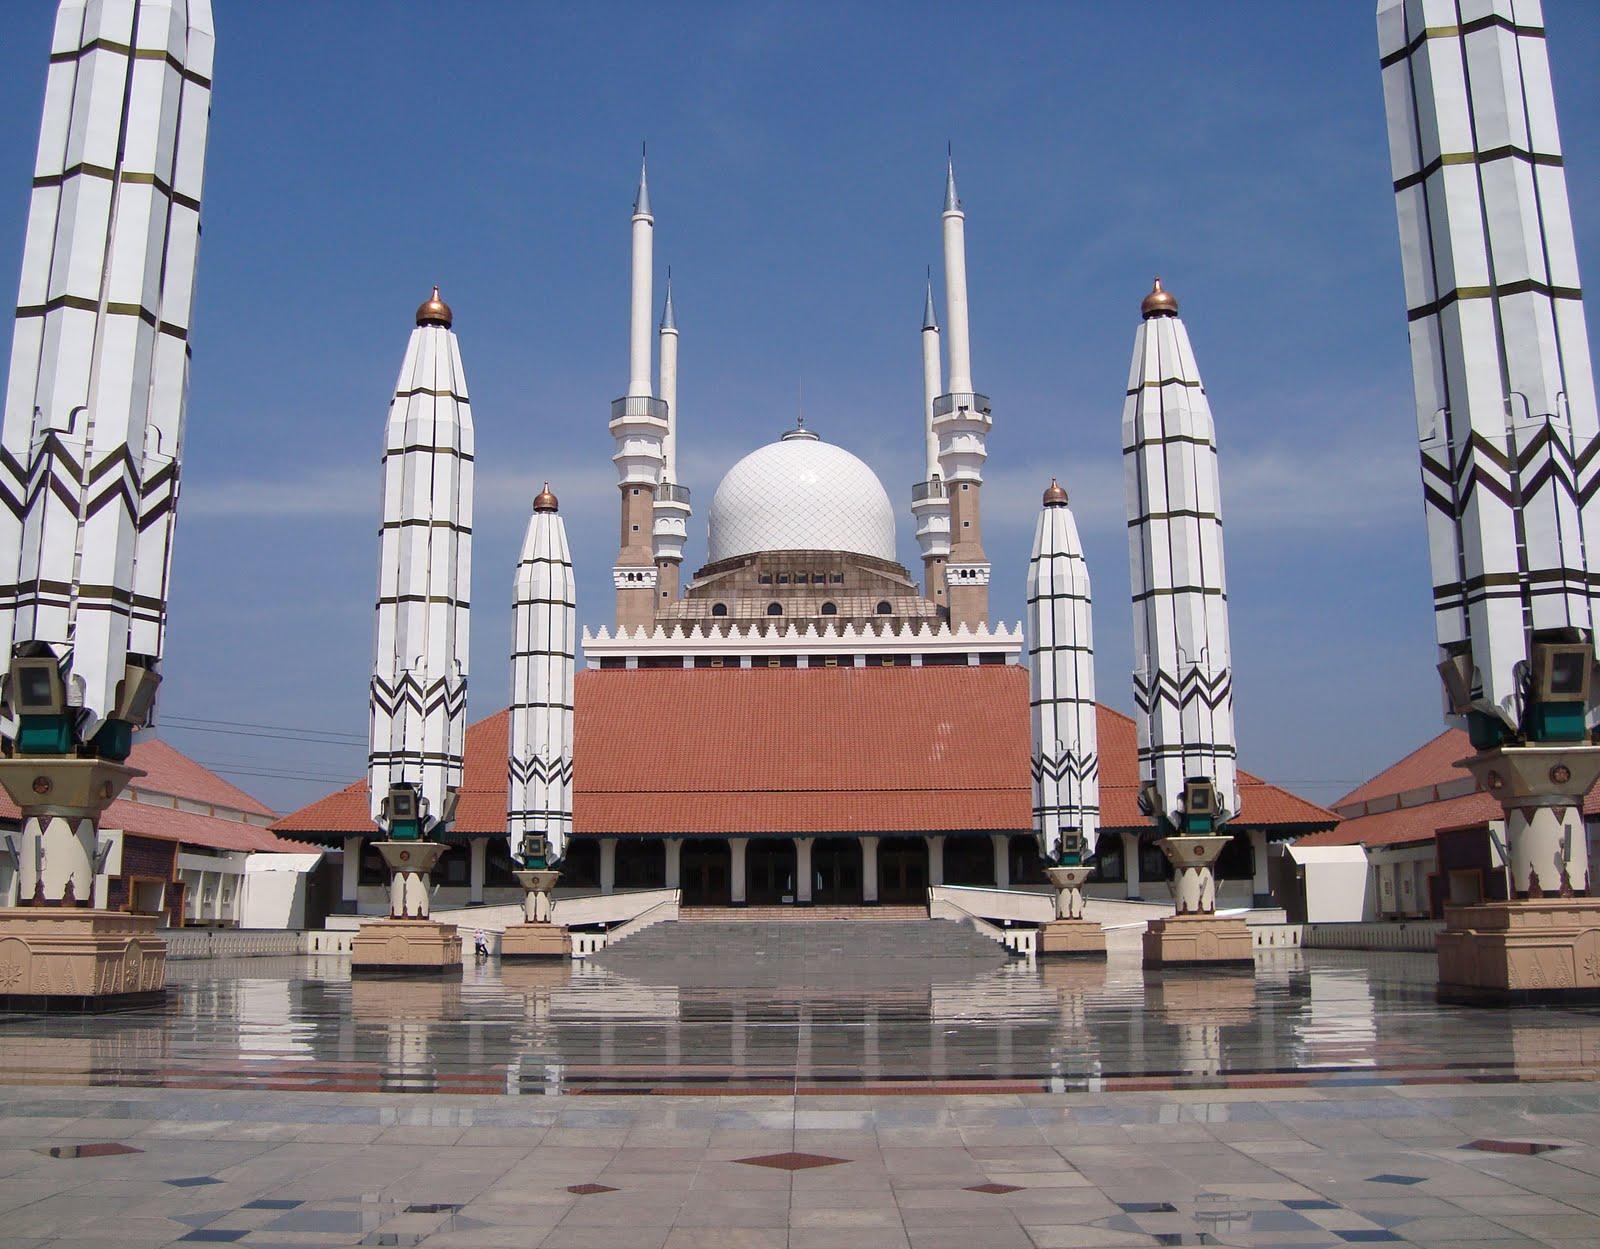 Biro Wisata Fortekindo Tour Masjid Agung Jawa Tengah Kab Semarang